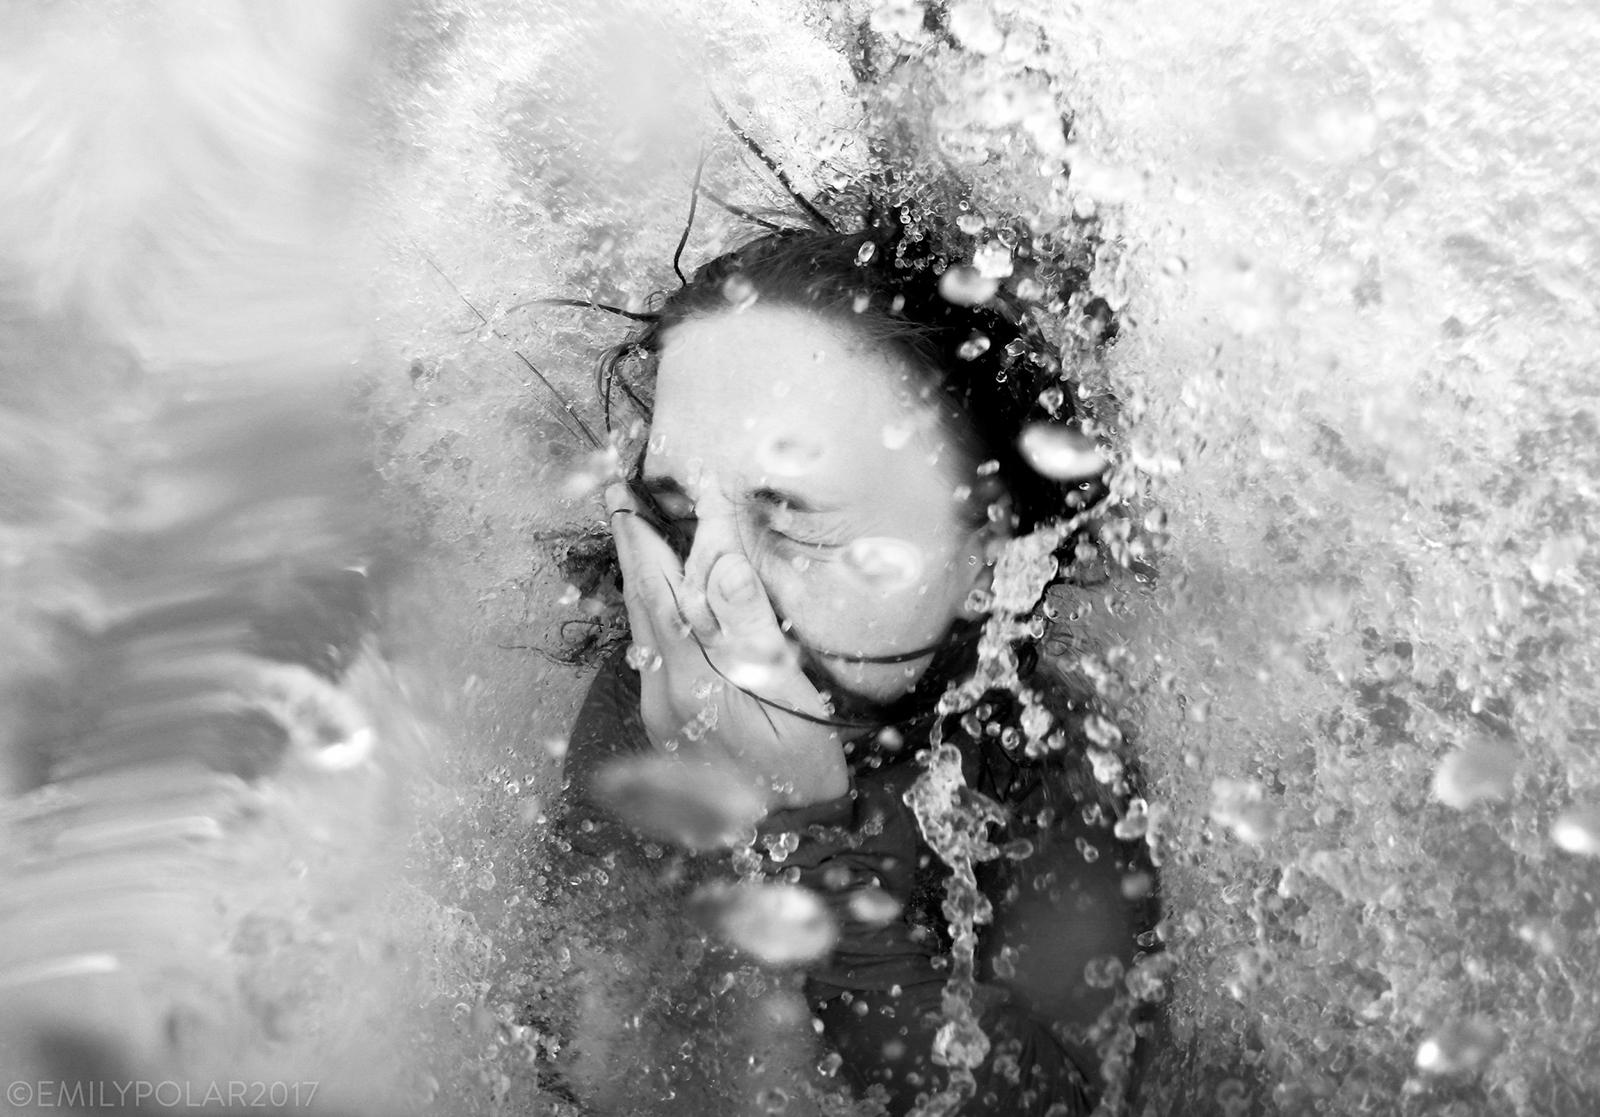 Lowepro Storyteller Mission 27: Splash